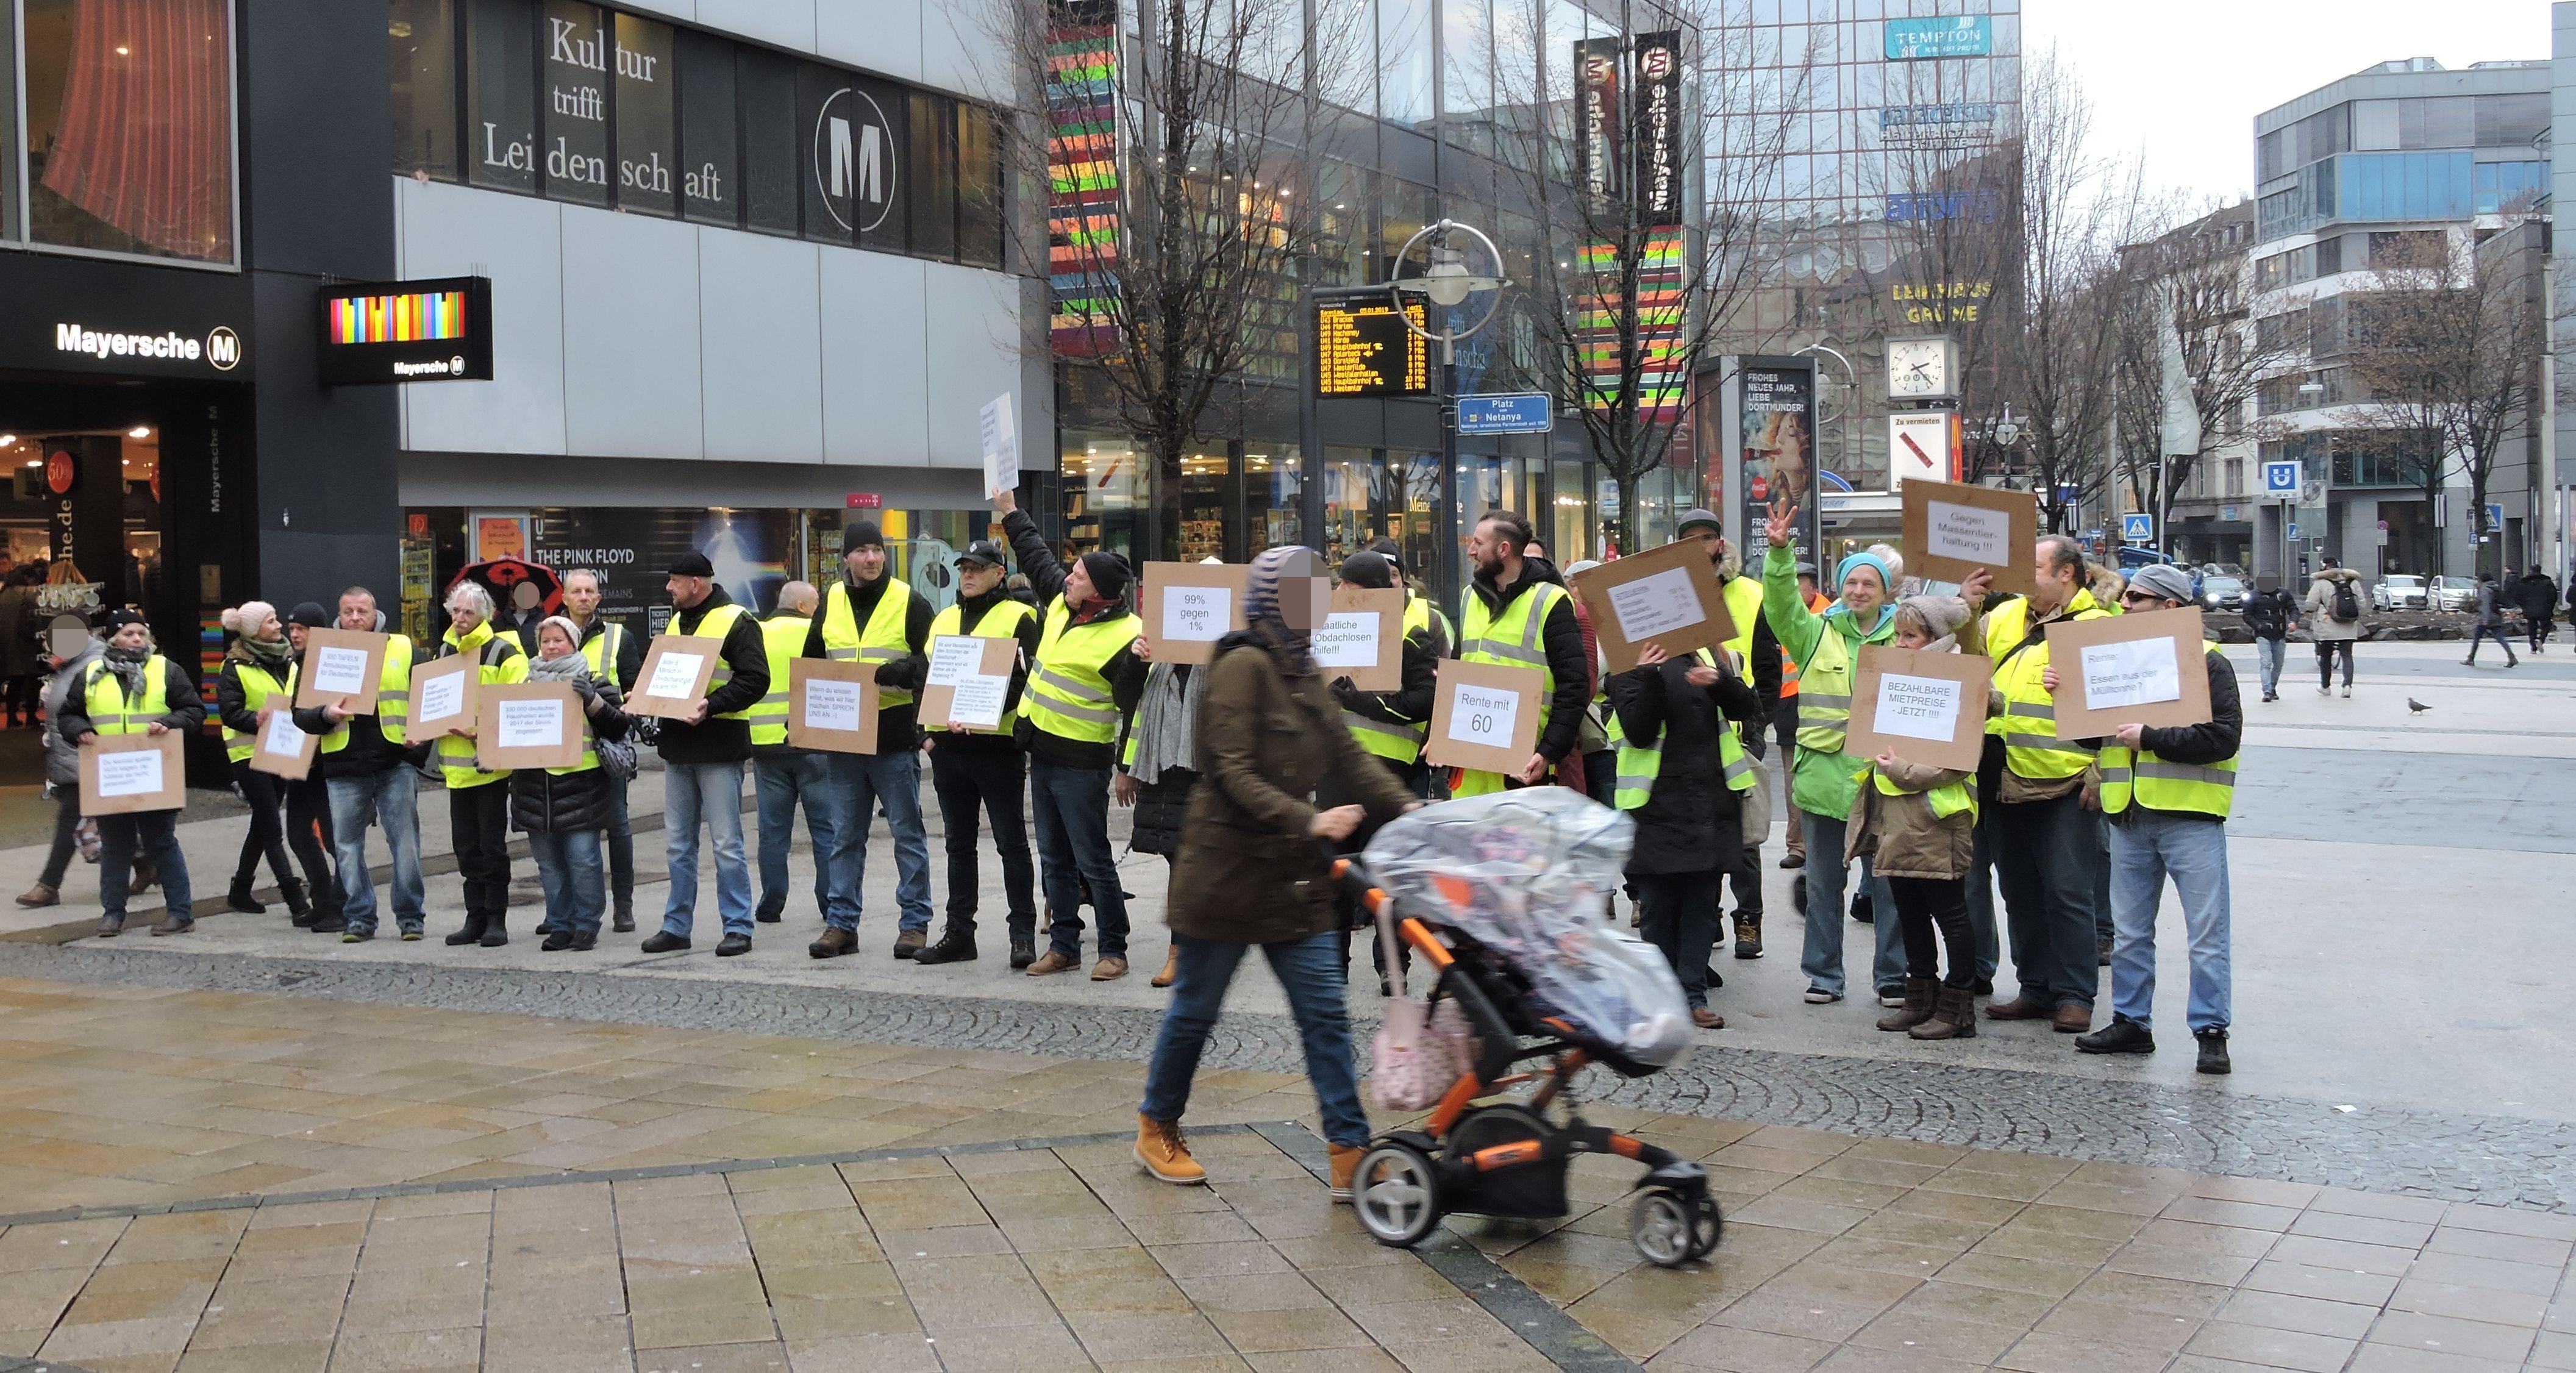 Zwischenkundgebung: Menschen halten Schilder hoch